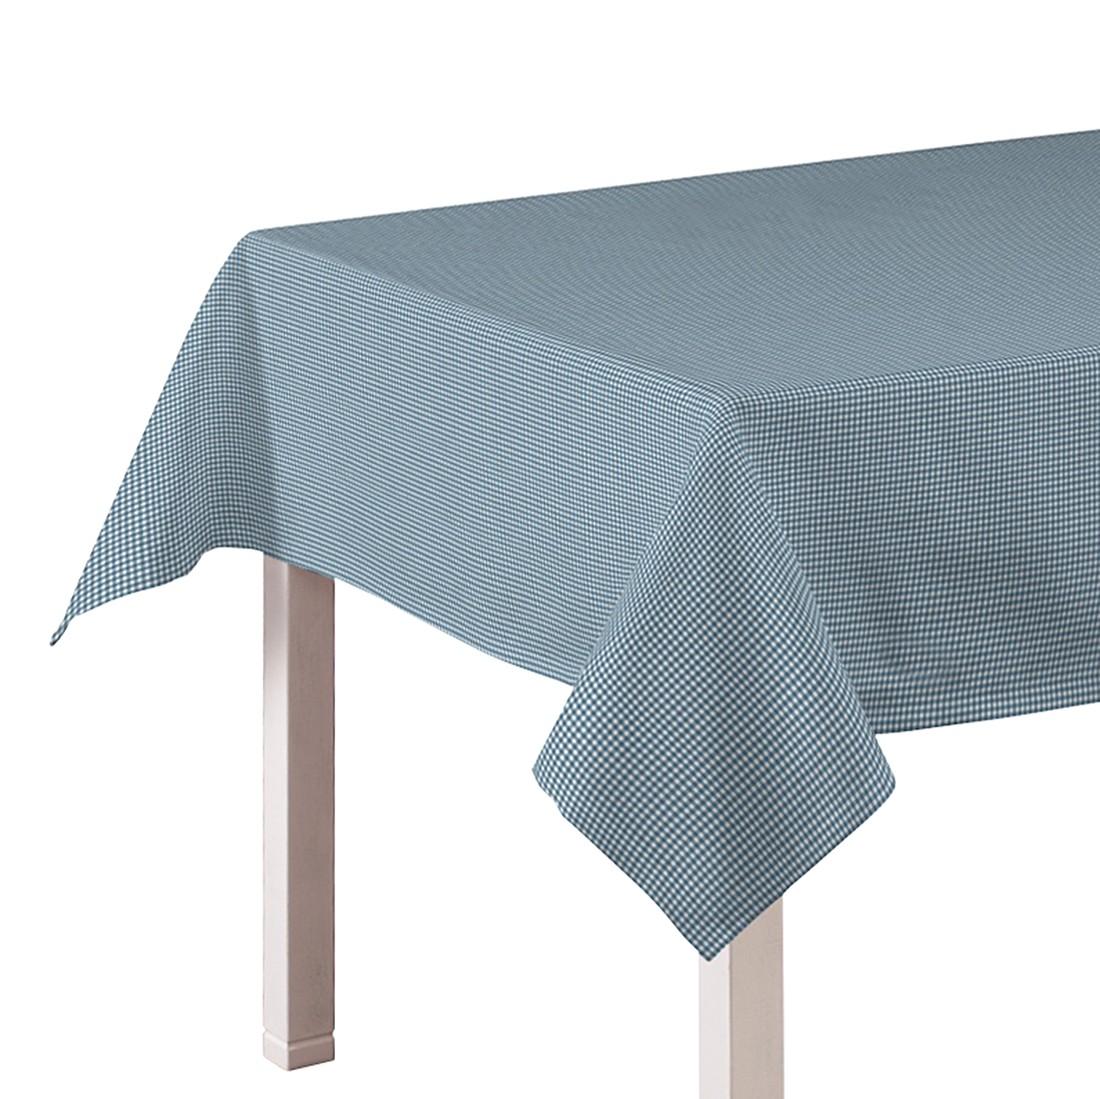 Tischdecke Amelie – Türkis / Weiß – 130 x 180 cm, Dekoria jetzt kaufen